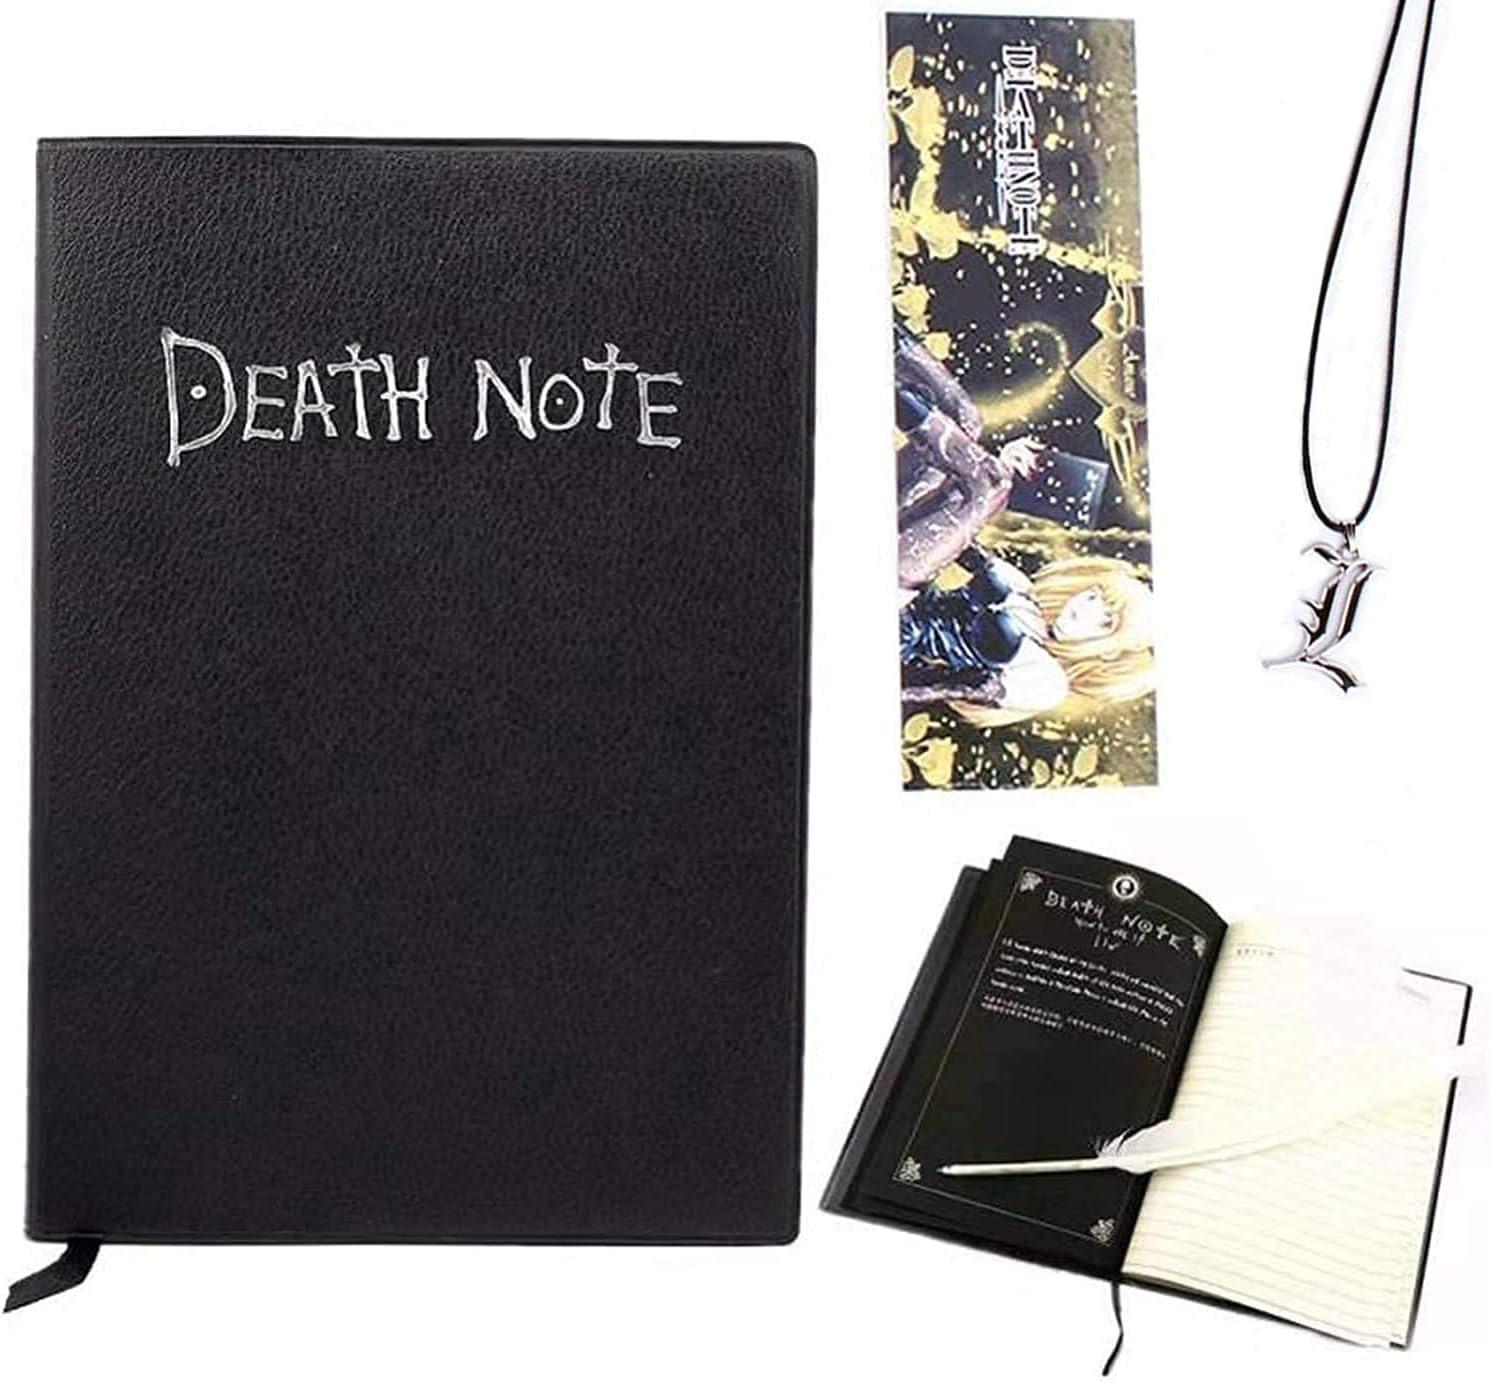 Cuaderno Death Note con bolígrafo, cuaderno de cosplay Death Note con tema de anime de moda, regalos para amantes de cosplay, se puede usar como diario y cuaderno